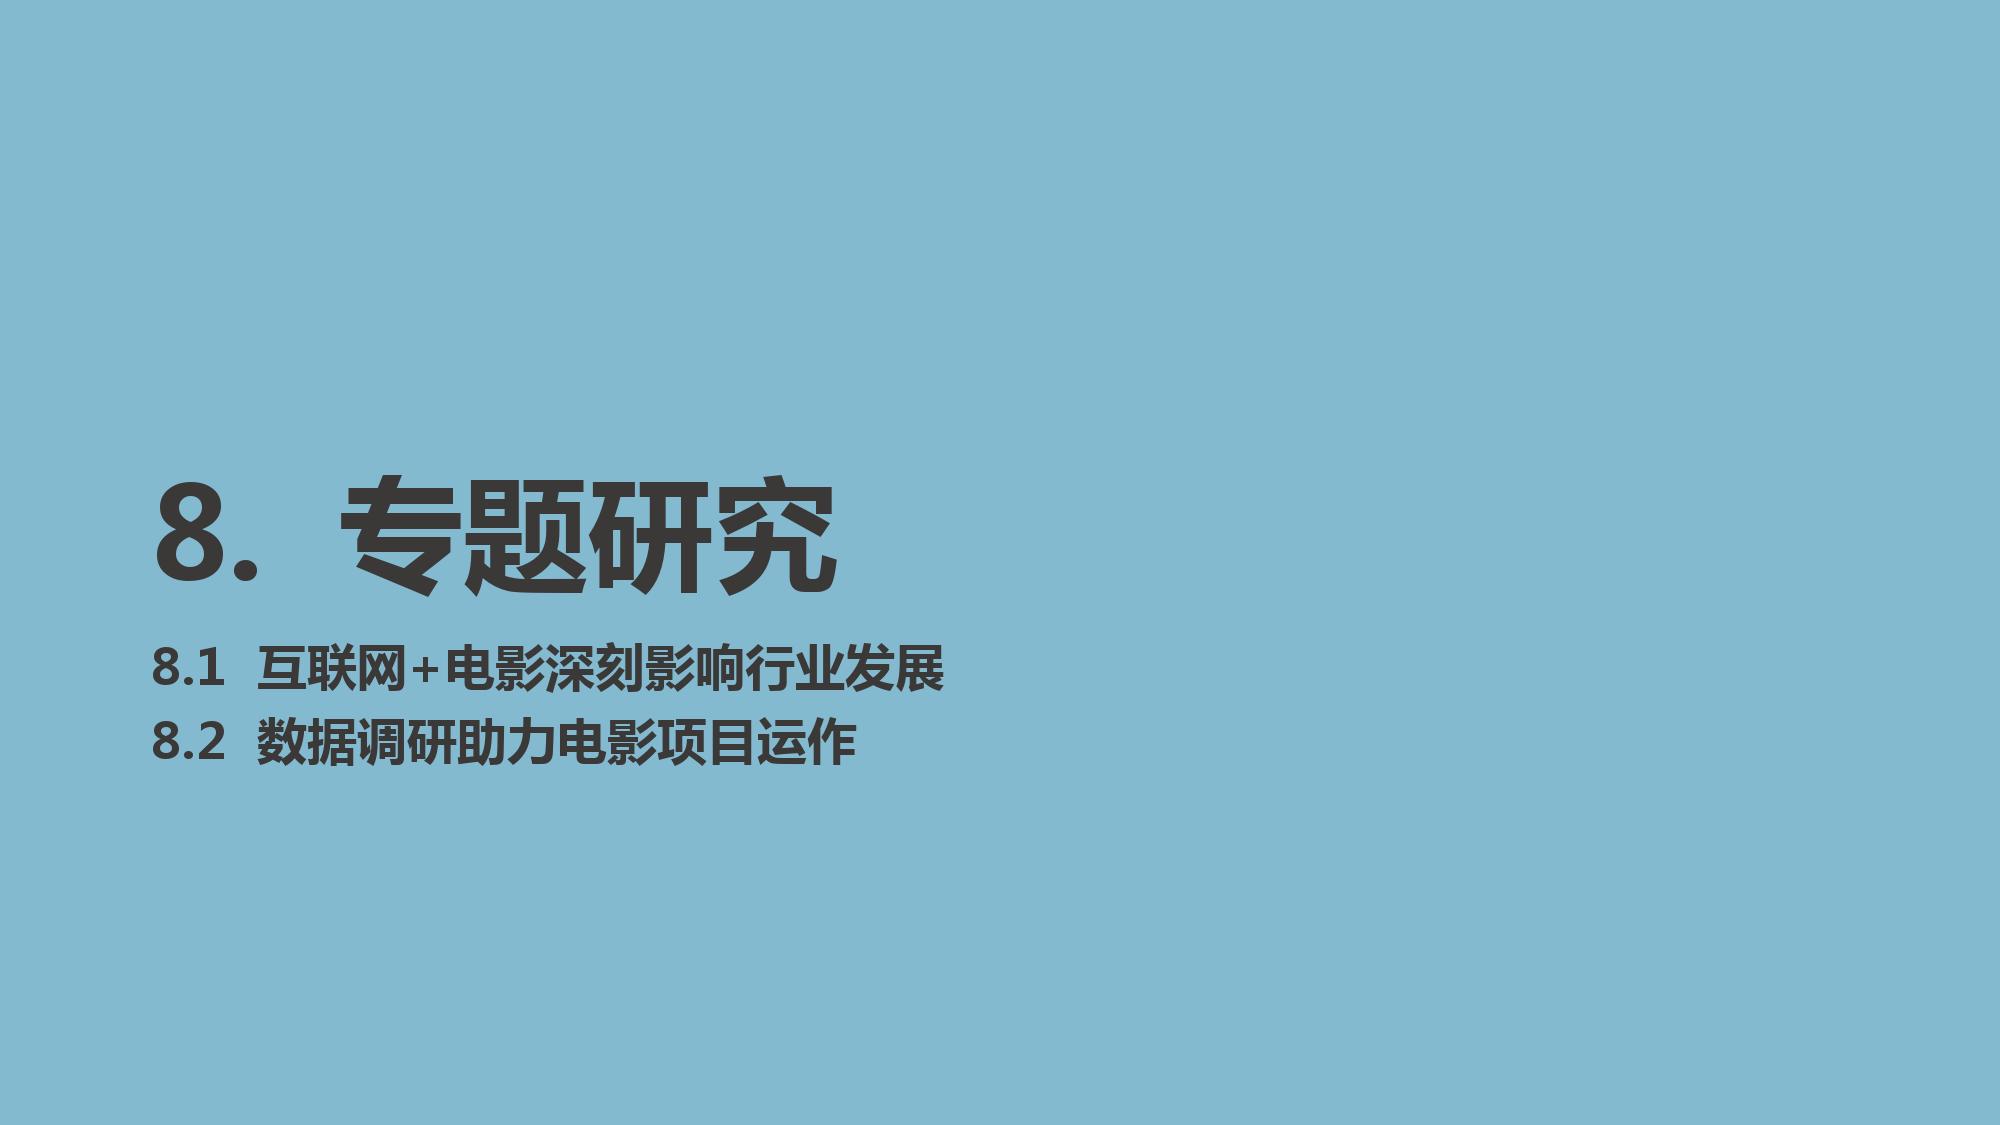 2015年度中国电影产业报告_000101